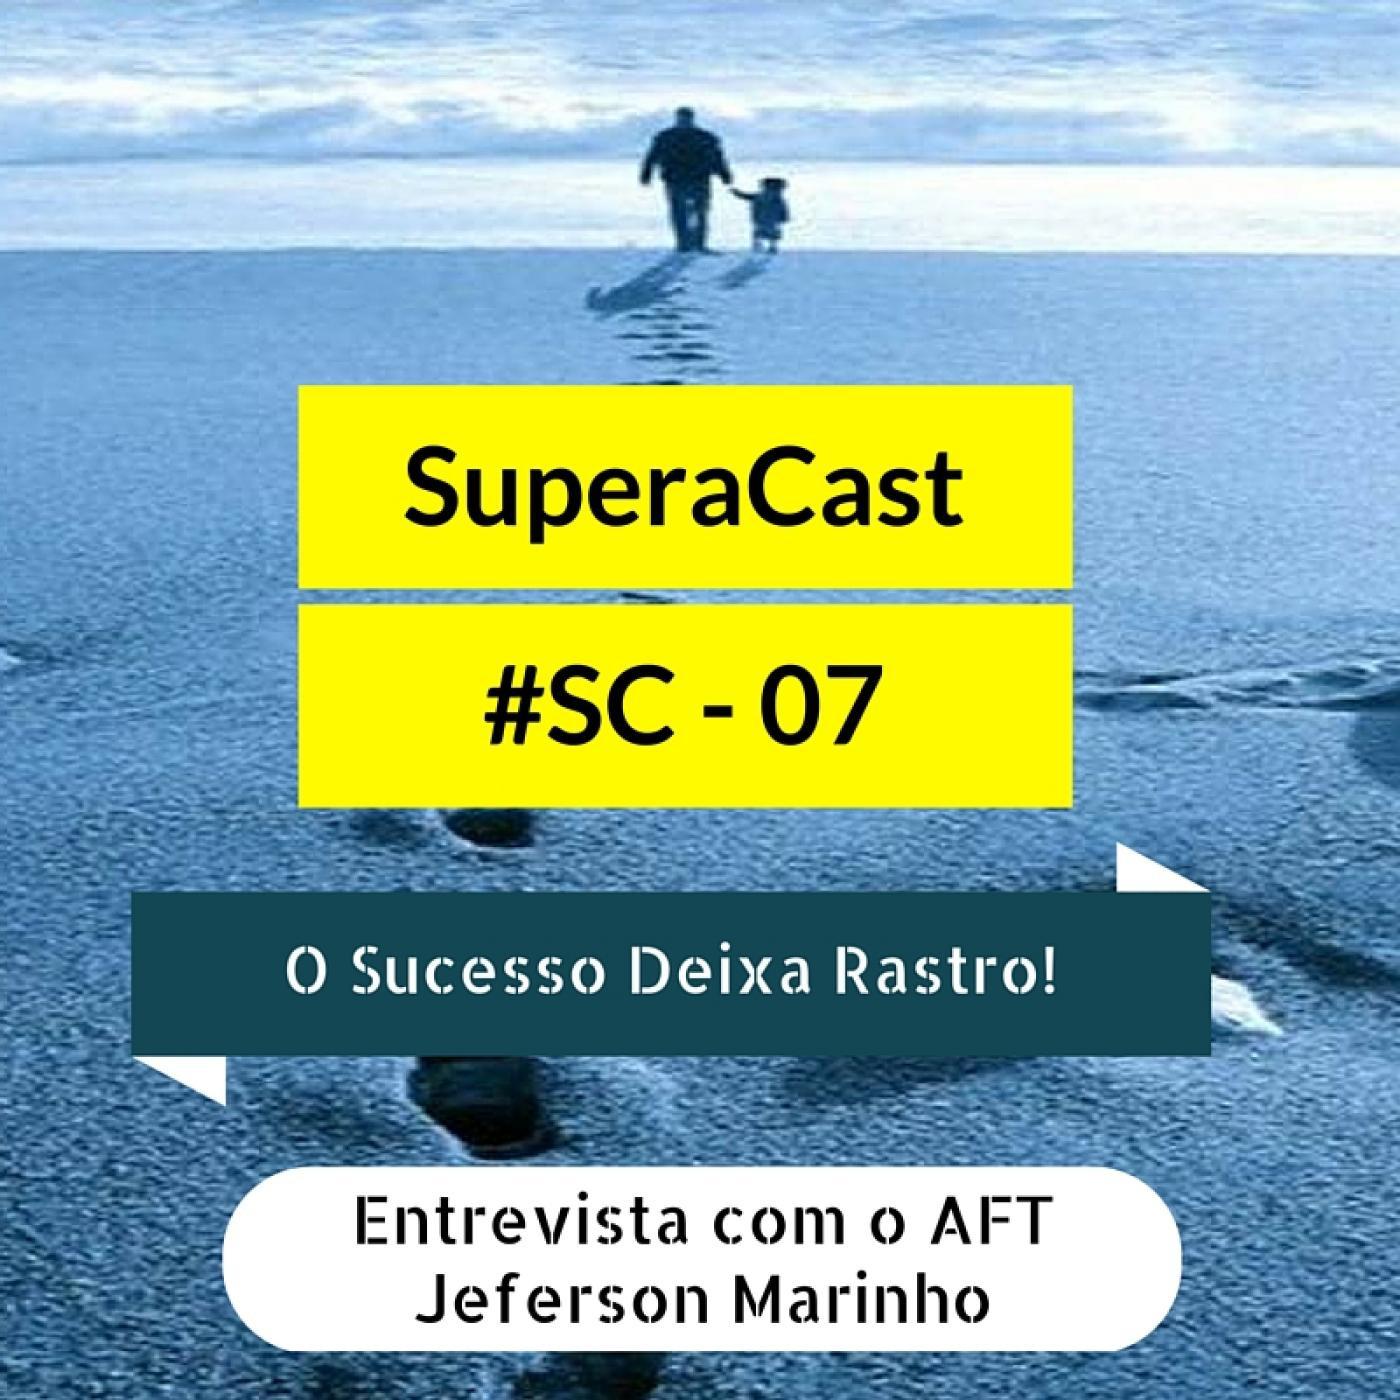 #SC - 007 O Sucesso Deixa Rastro